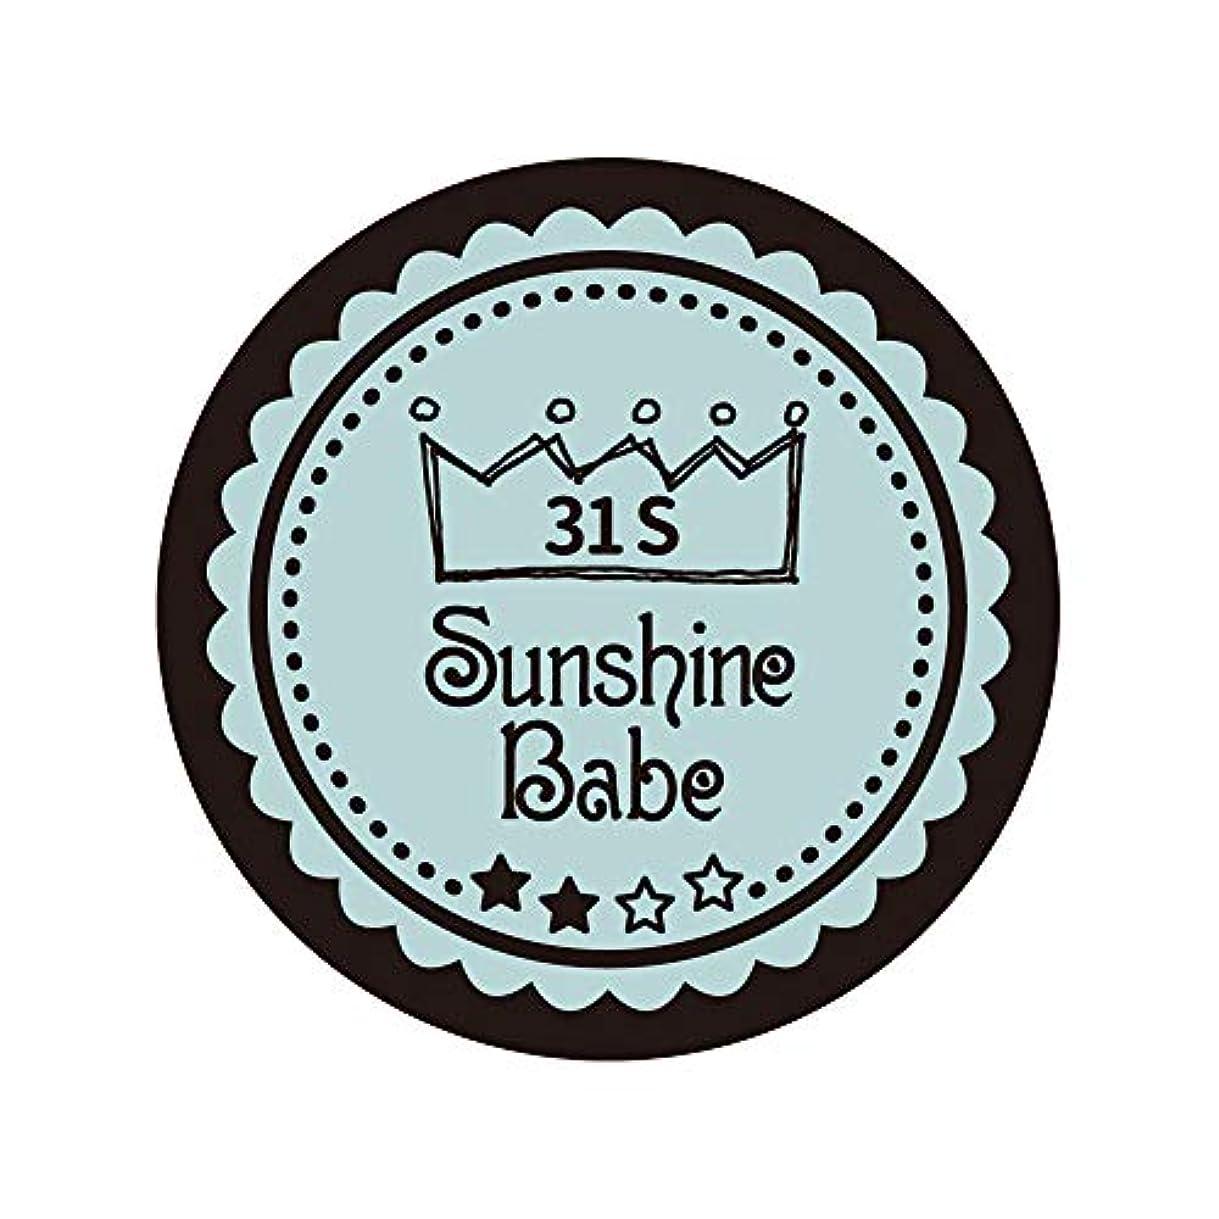 クライストチャーチ民主主義やるSunshine Babe カラージェル 31S アイスブルー 2.7g UV/LED対応